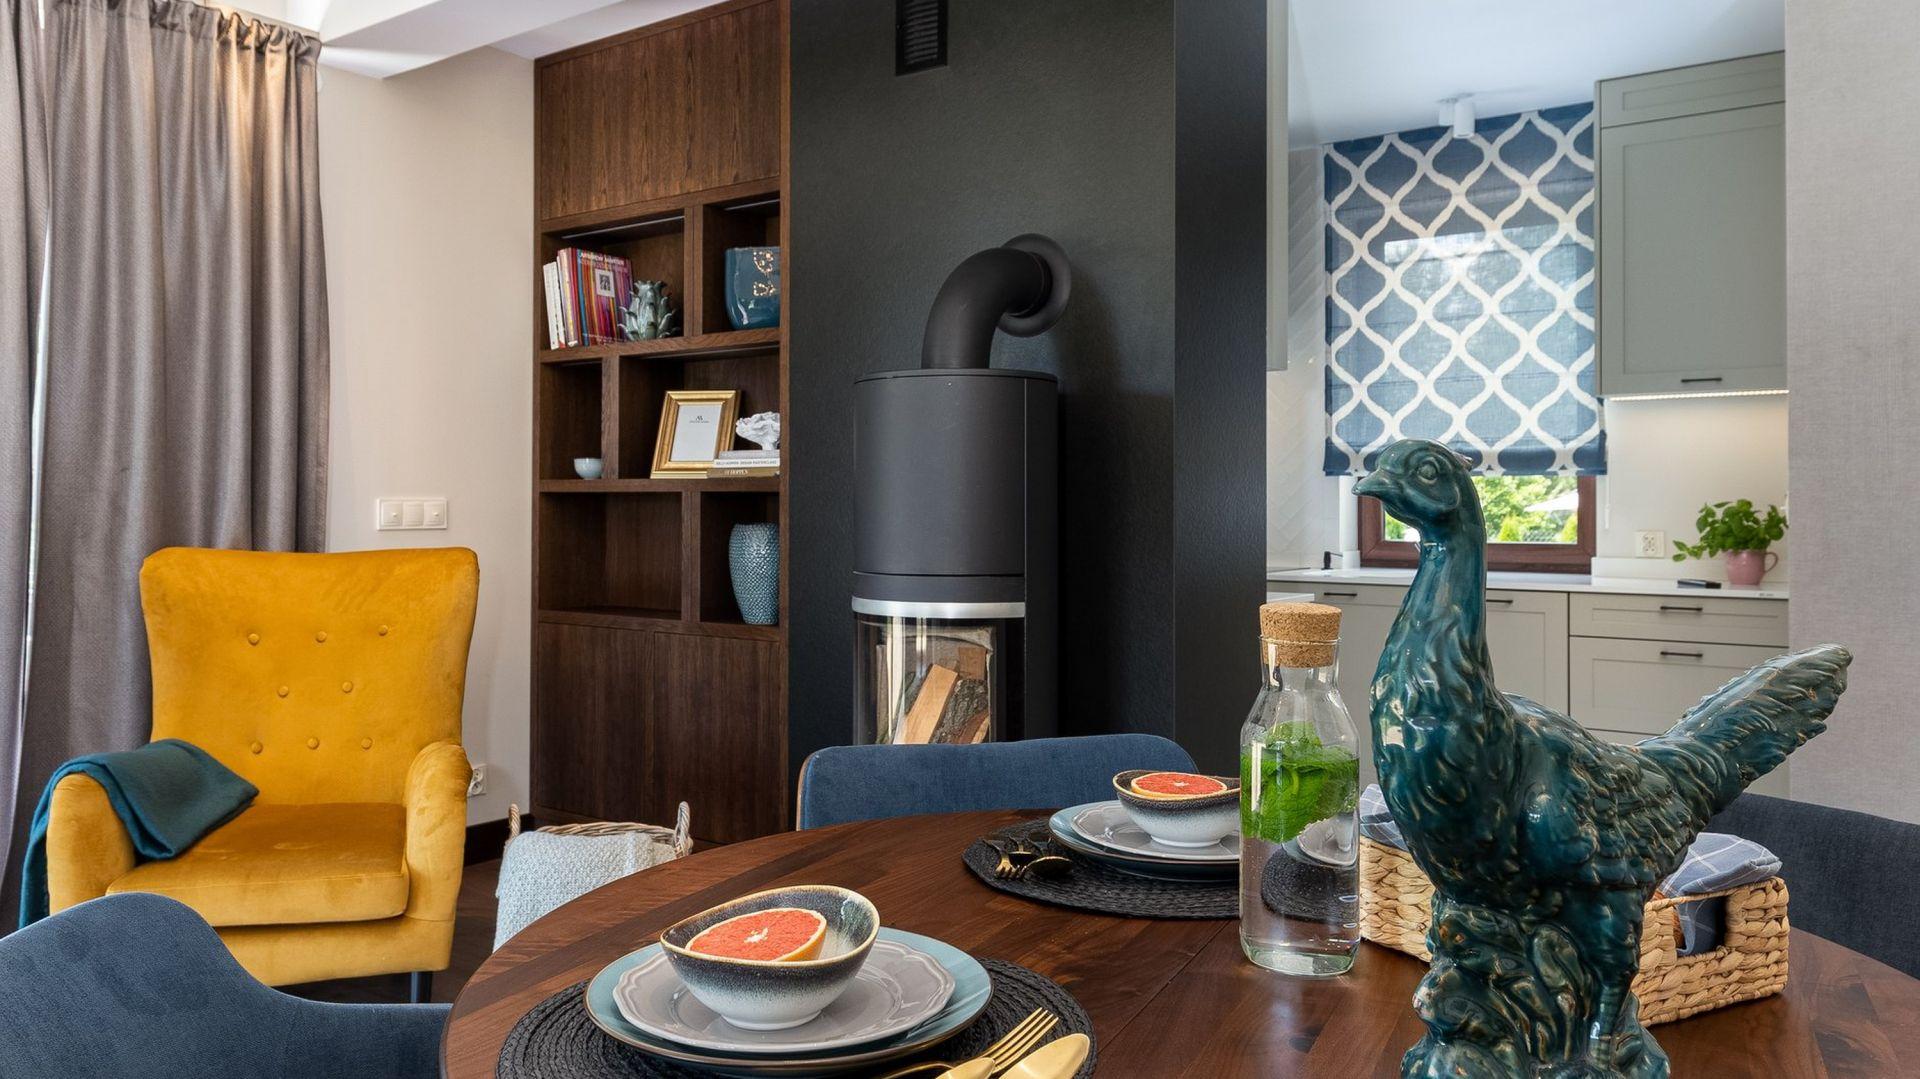 Fotel w kolorze musztardowym wpisuje się w retro klimat wnętrza. Projekt Studio Decorfoto Promofocus.pl Karol Kleszyk